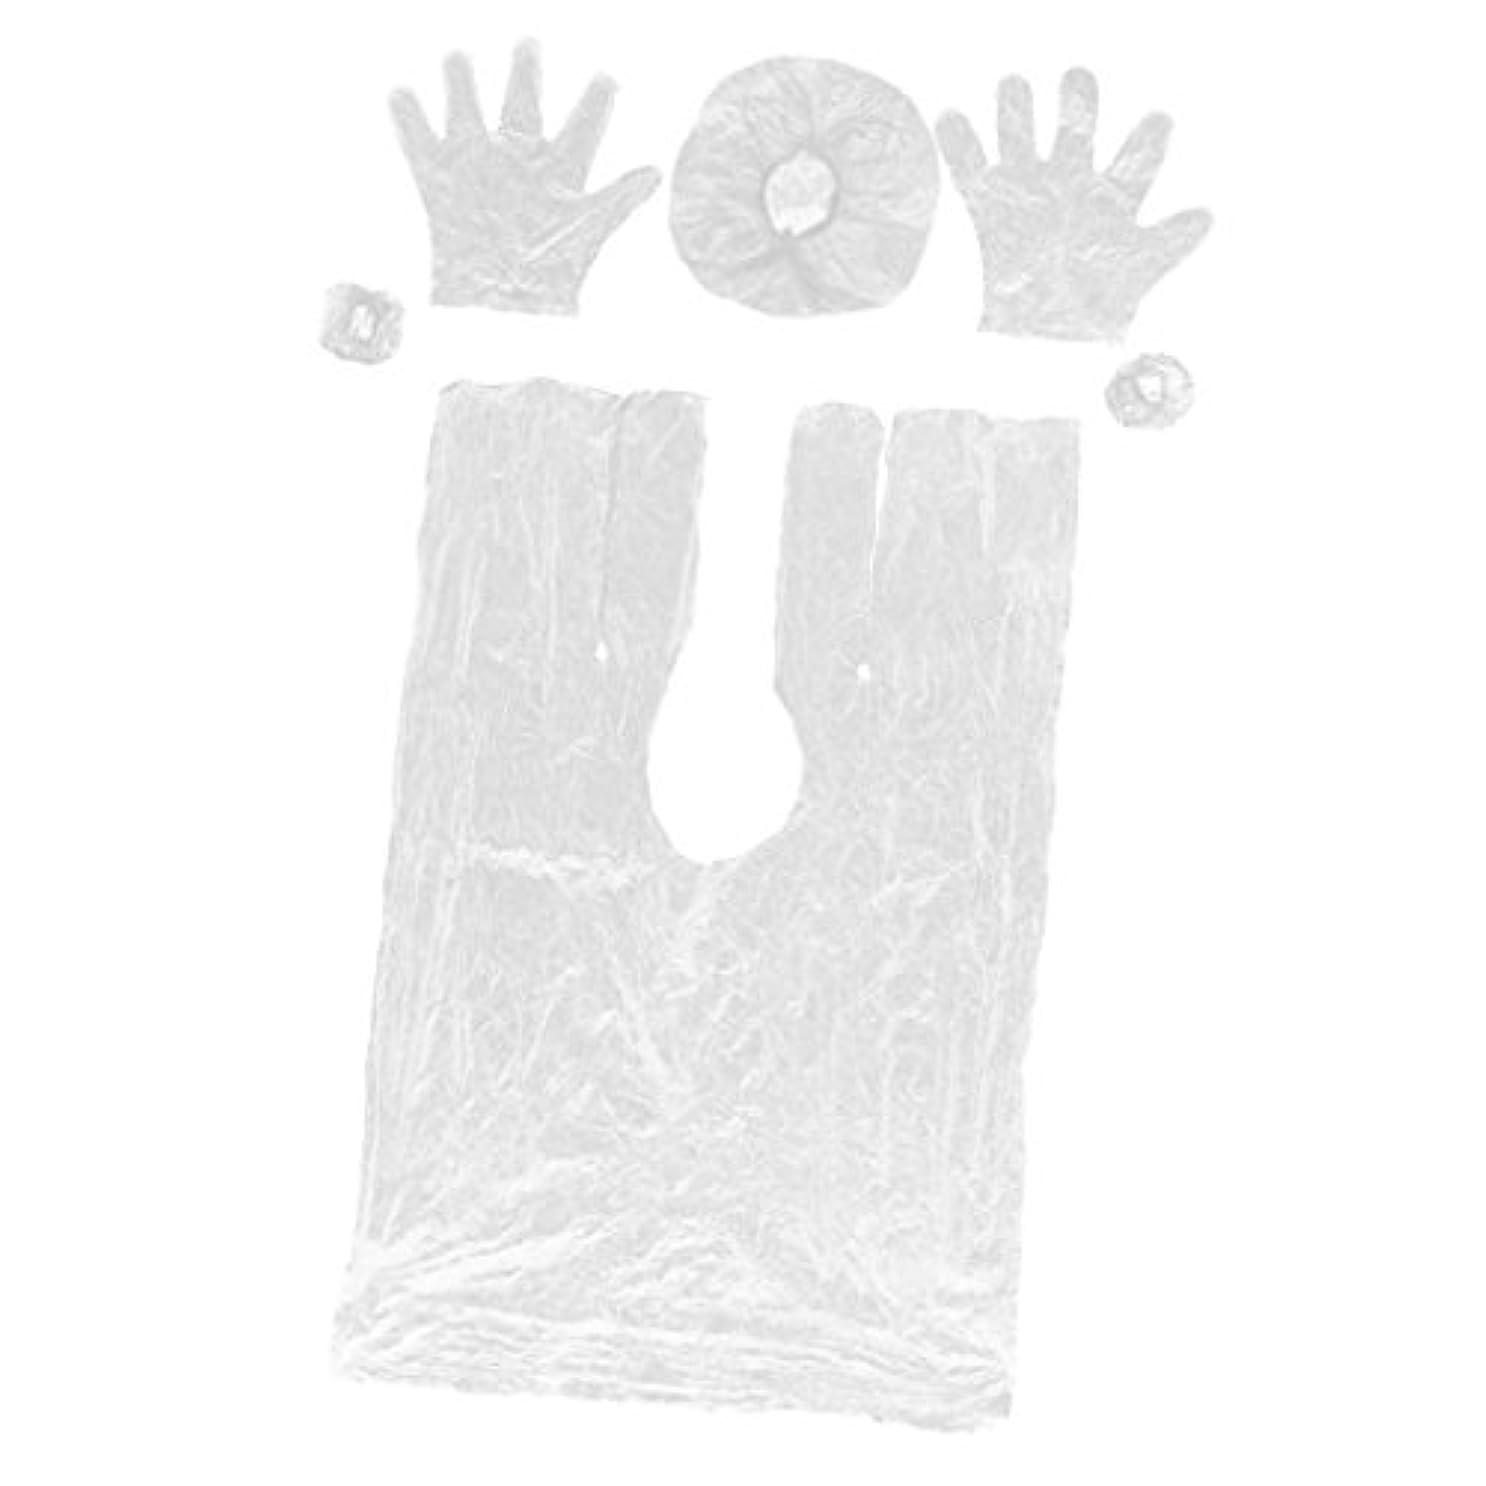 案件破壊深さToygogo ツール弾性キャップ、理髪ガウンケープショール、手袋、イヤーキャップイヤーマフセットを使用した使い捨てスパヘアサロンカラー染料キットの着色